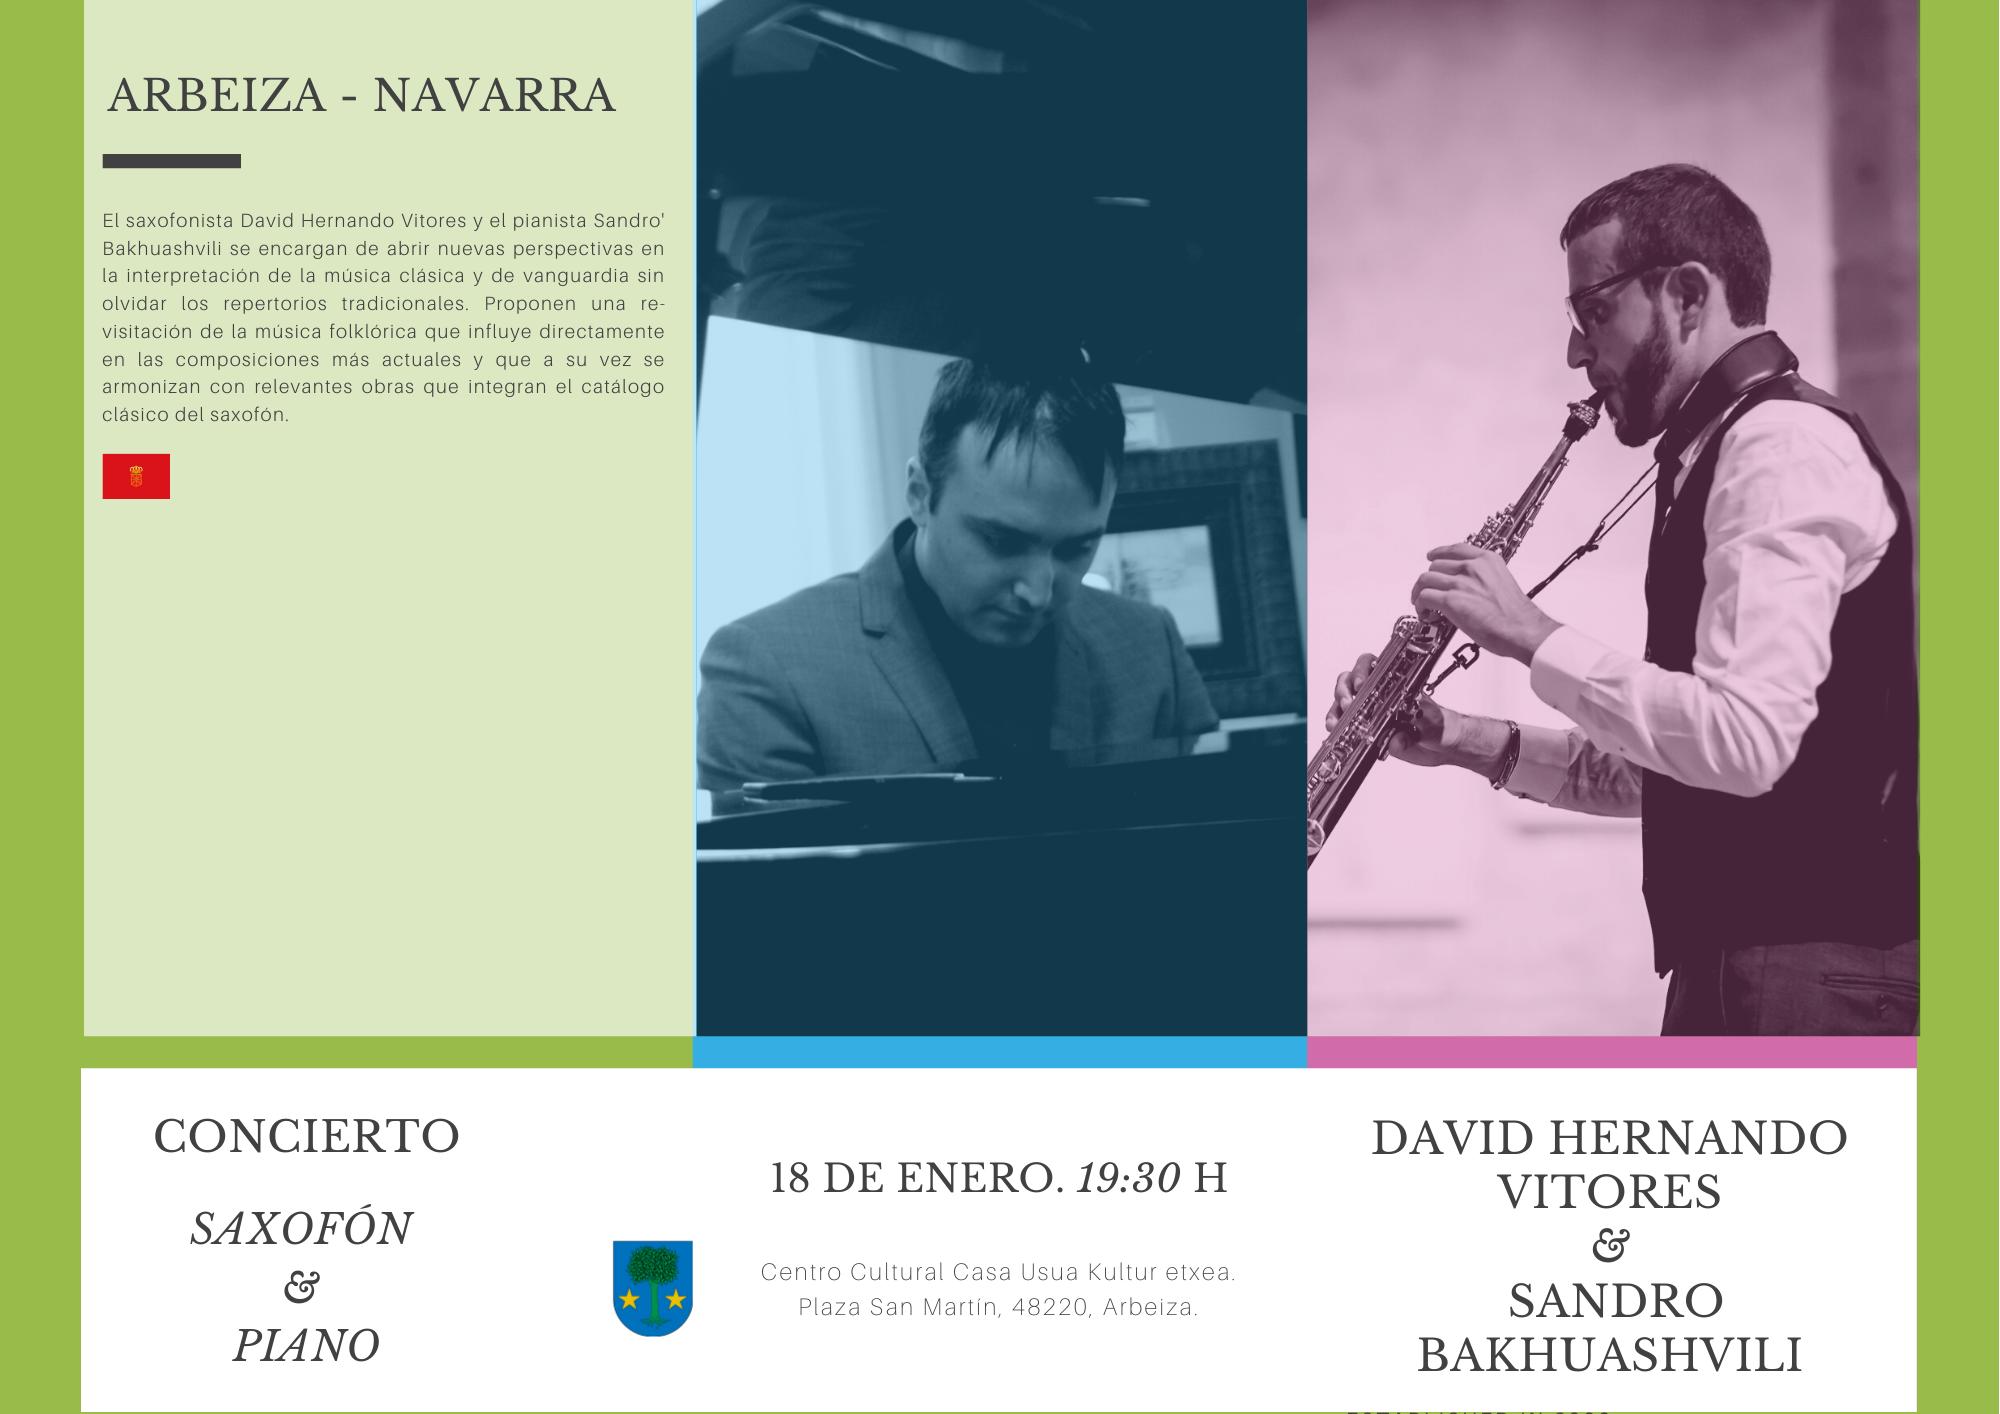 David Hernando Vitores en Navarra.